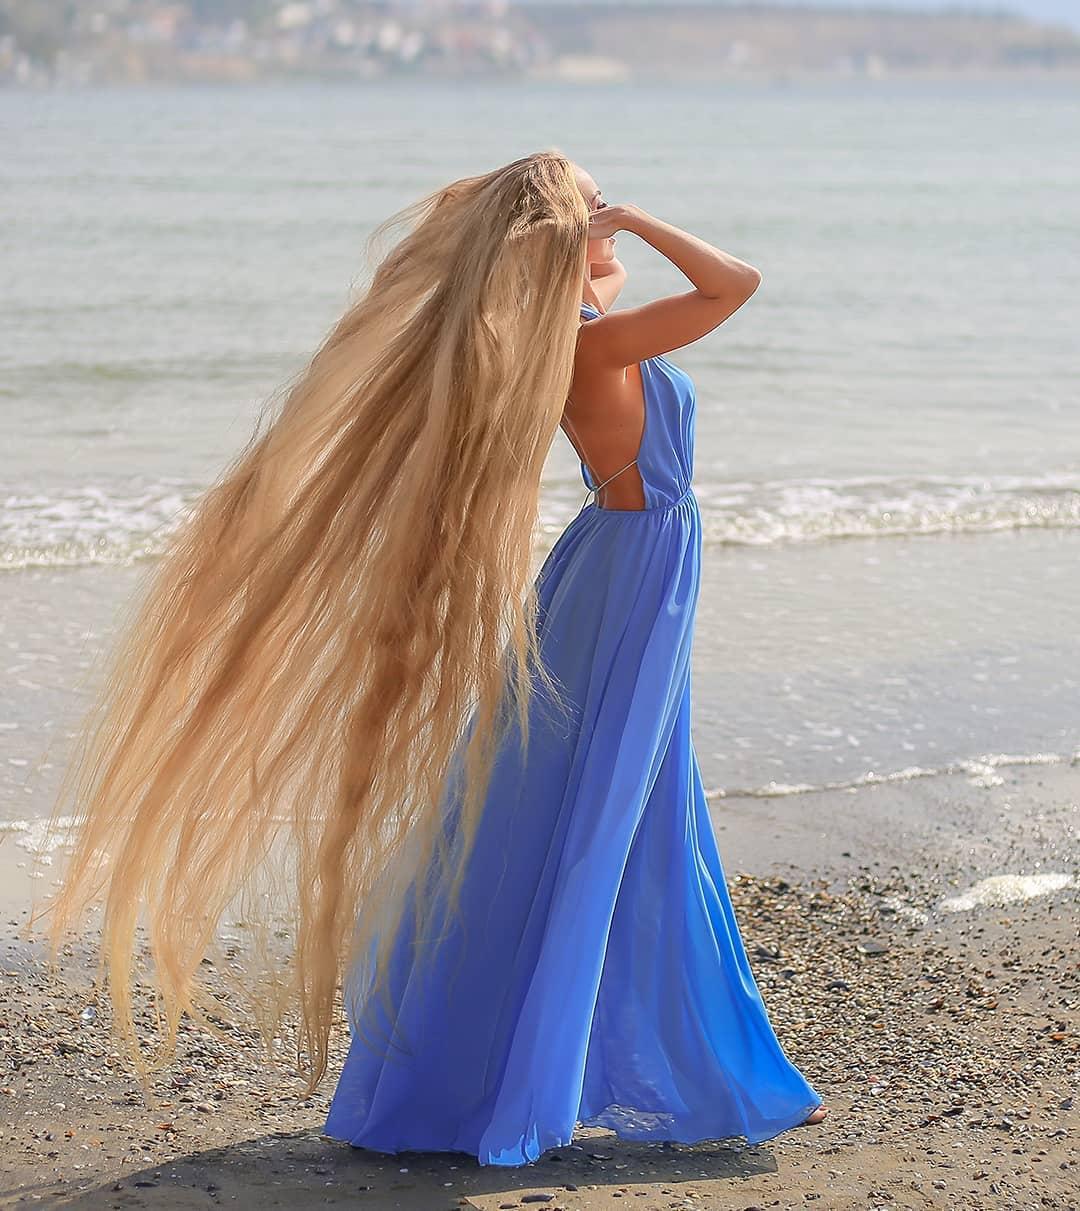 1577108470 1da210b3de24cbe7443acdd84621b421 - Украинка отрастила волосы длиной в 1.8 метра и рассказала, как живётся Рапунцель в современном мире